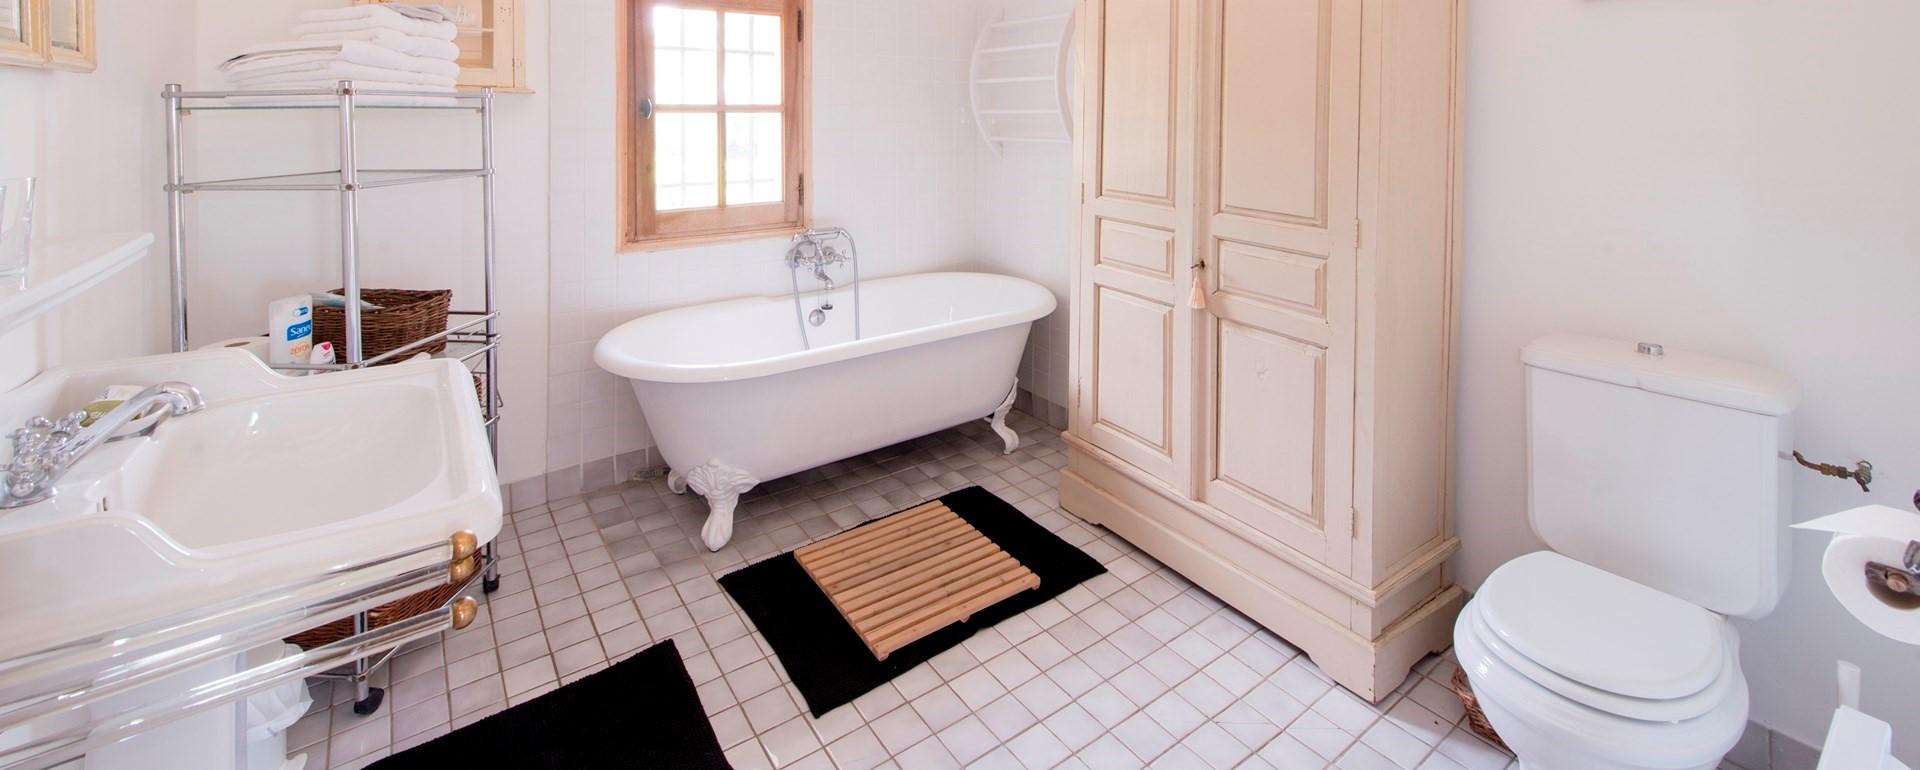 le-mas-isabelle-provence-bathroom